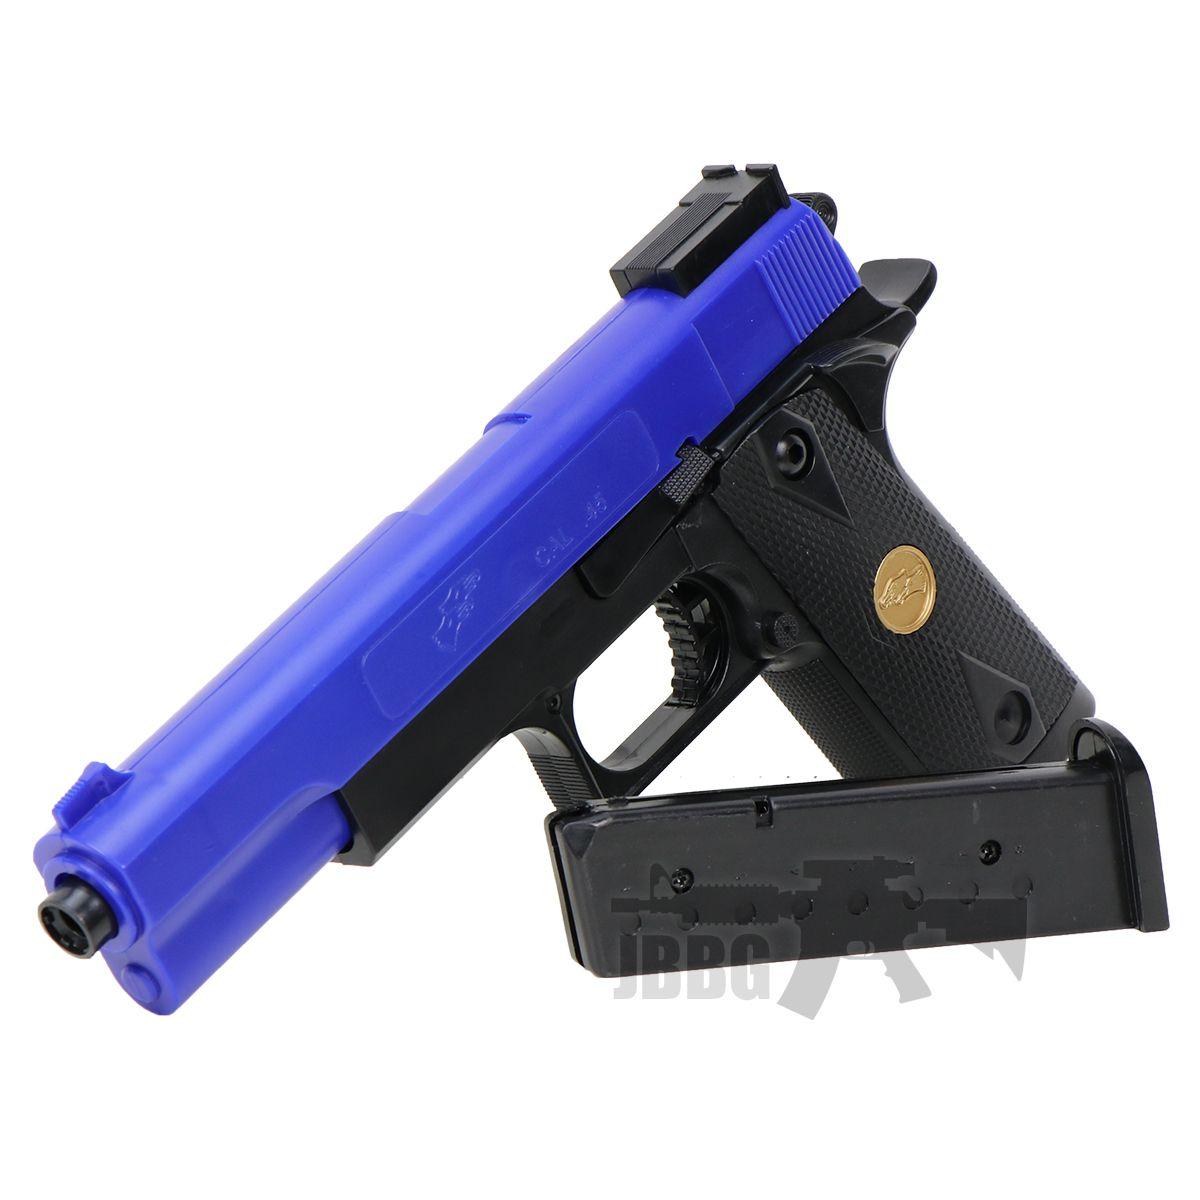 bb pistol blue at jbbg 2